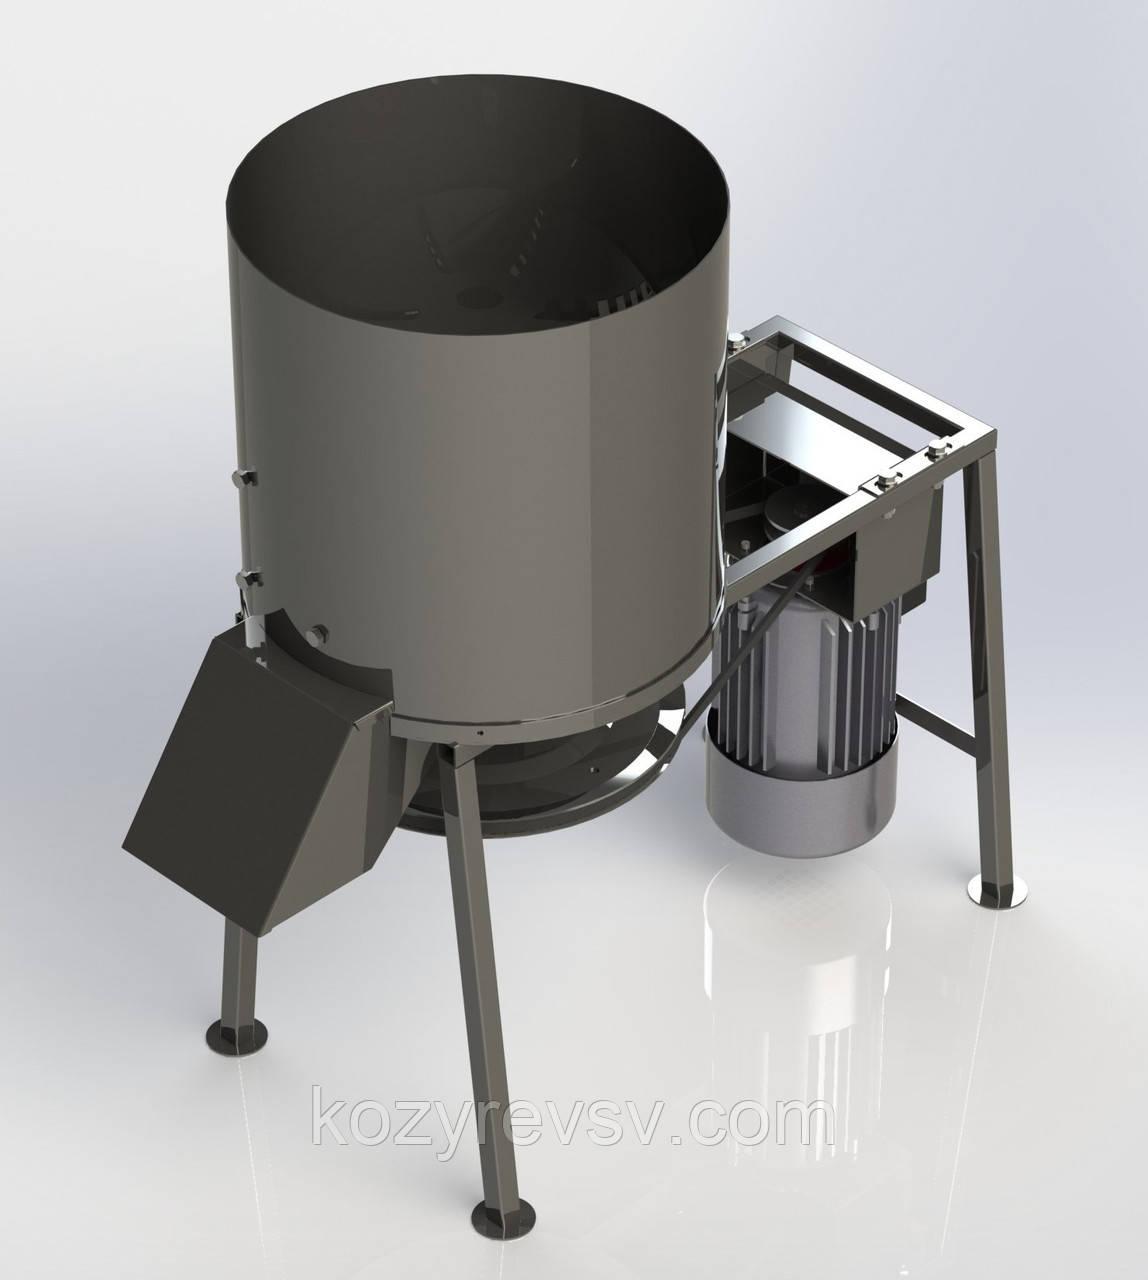 Корморезка электрическая ЛАН 5(1.7 квт.,600 кг/час) продам постоянно оптом и в розницу, доставка из Харькова